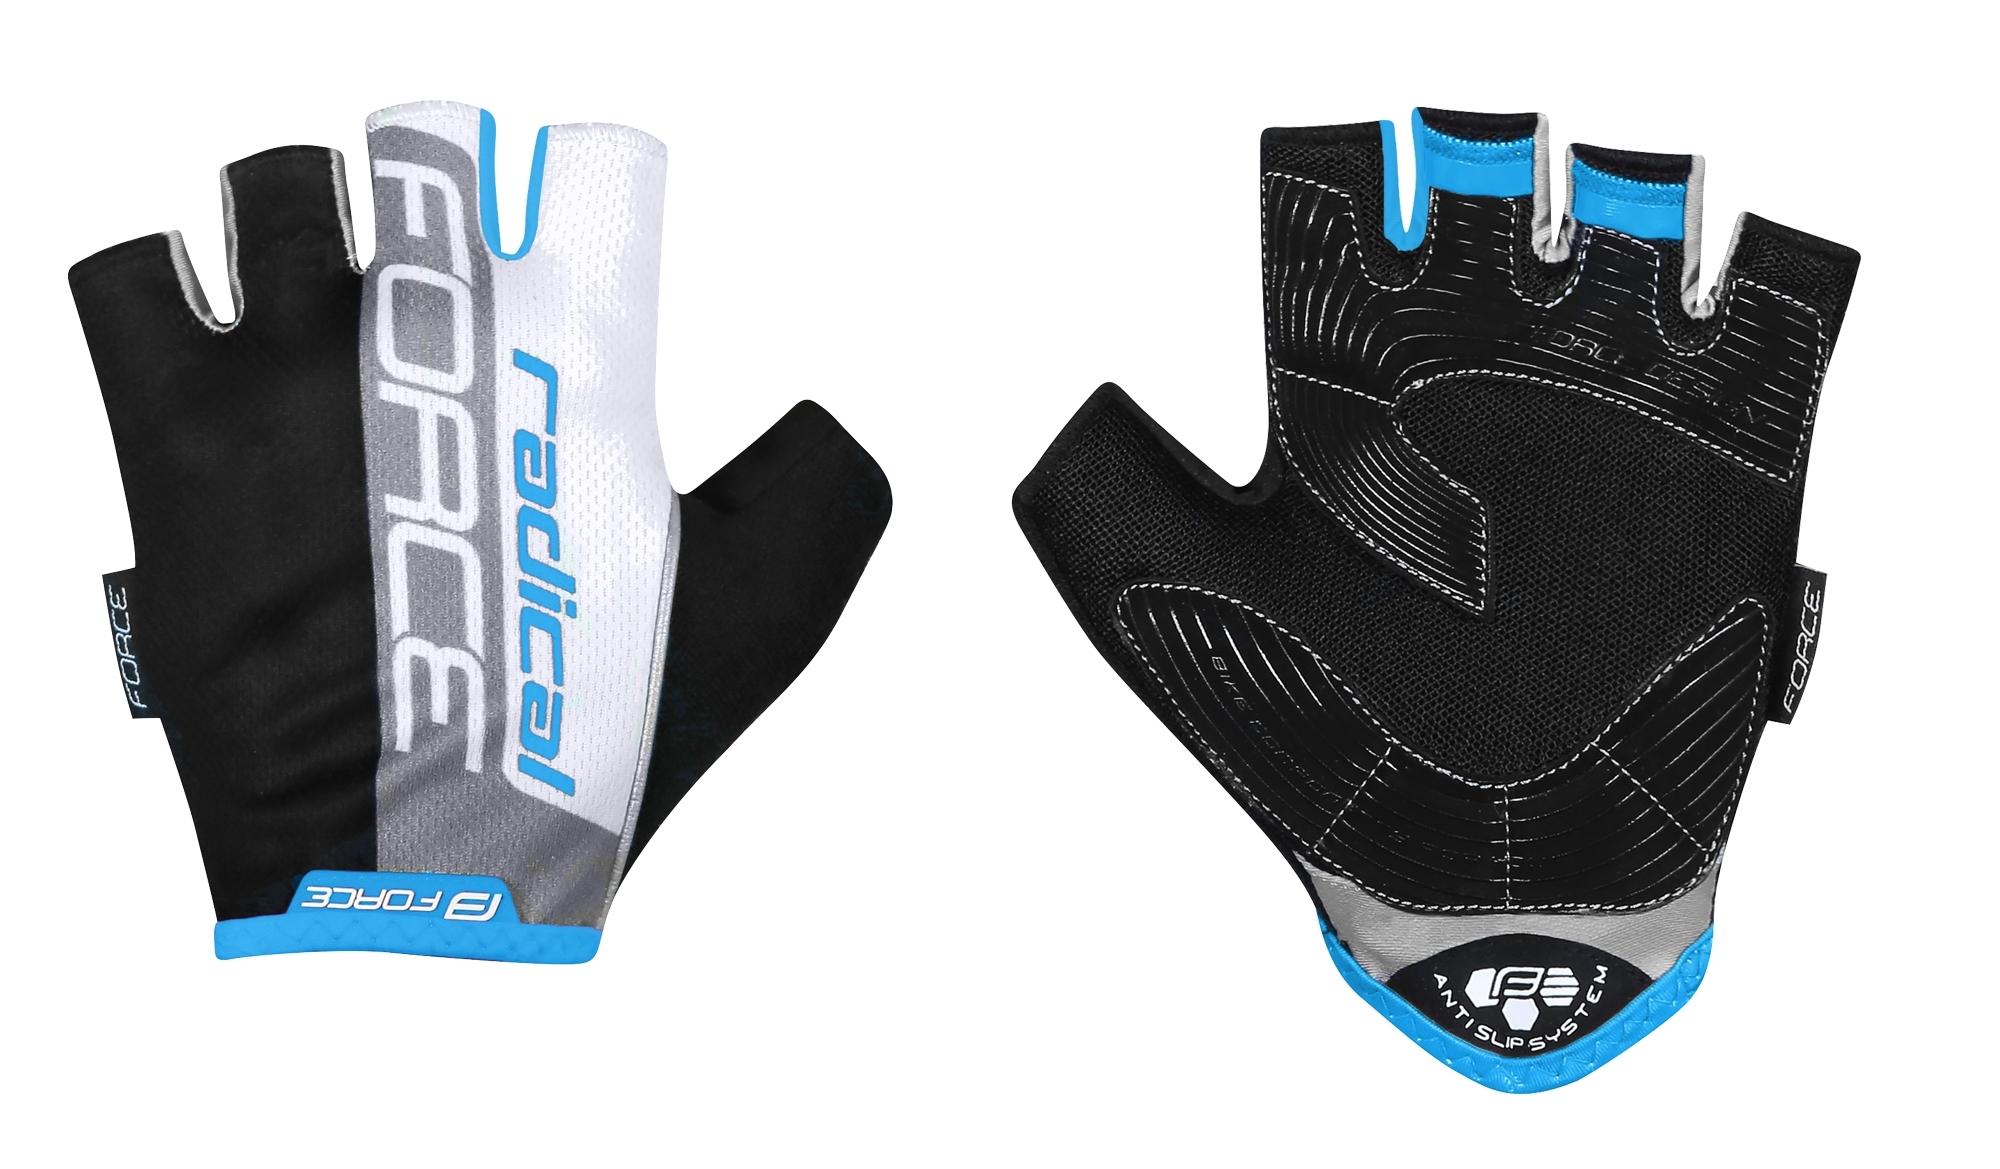 rukavice FORCE RADICAL, černo-bílo-modré XXL